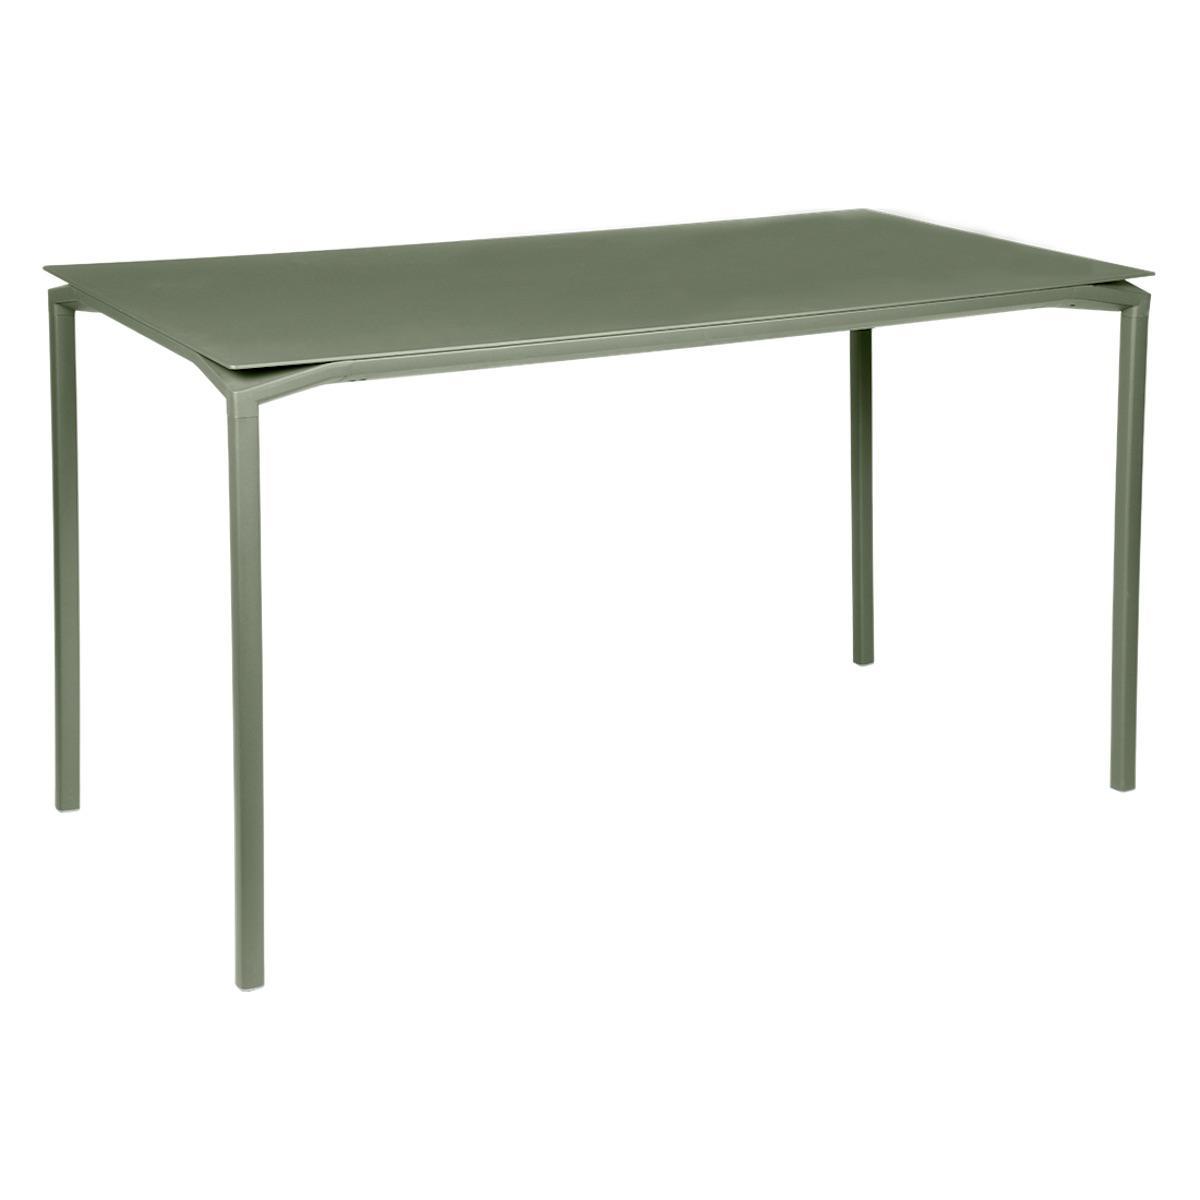 Table 80x160cm CALVI Fermob  vert cactus